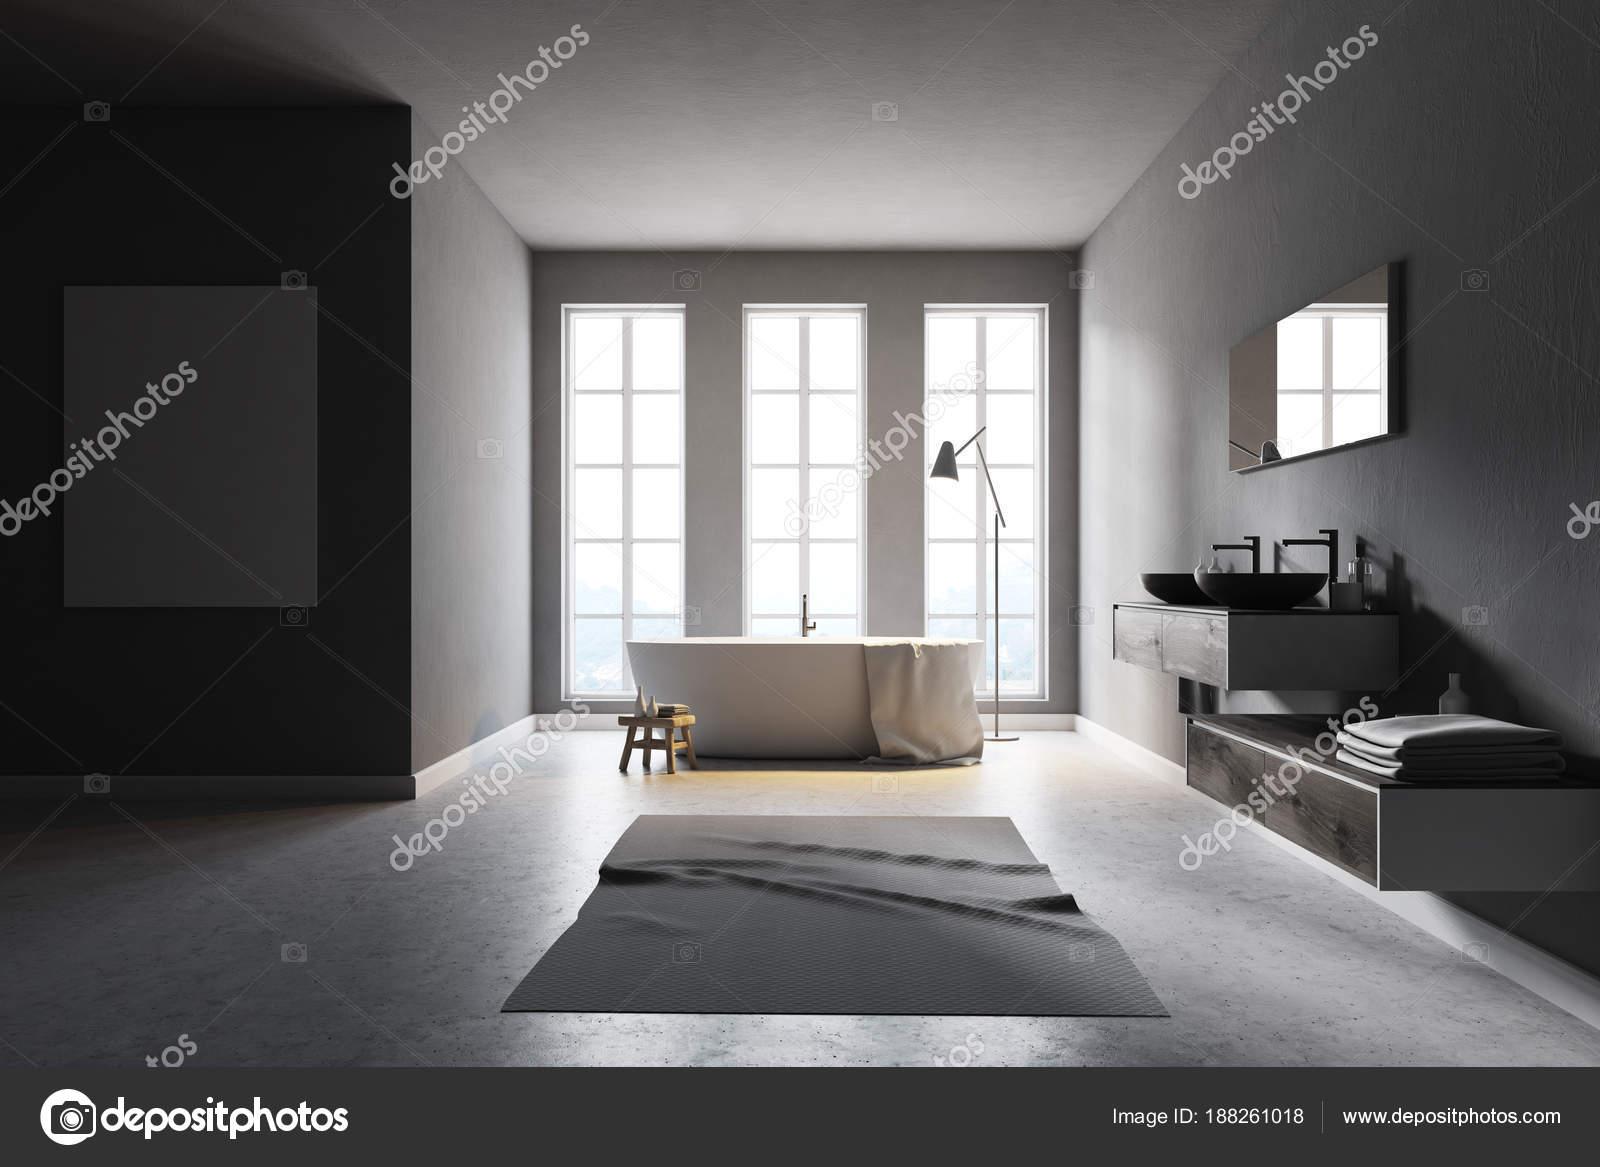 Minimalistisch grijze badkamer poster u stockfoto